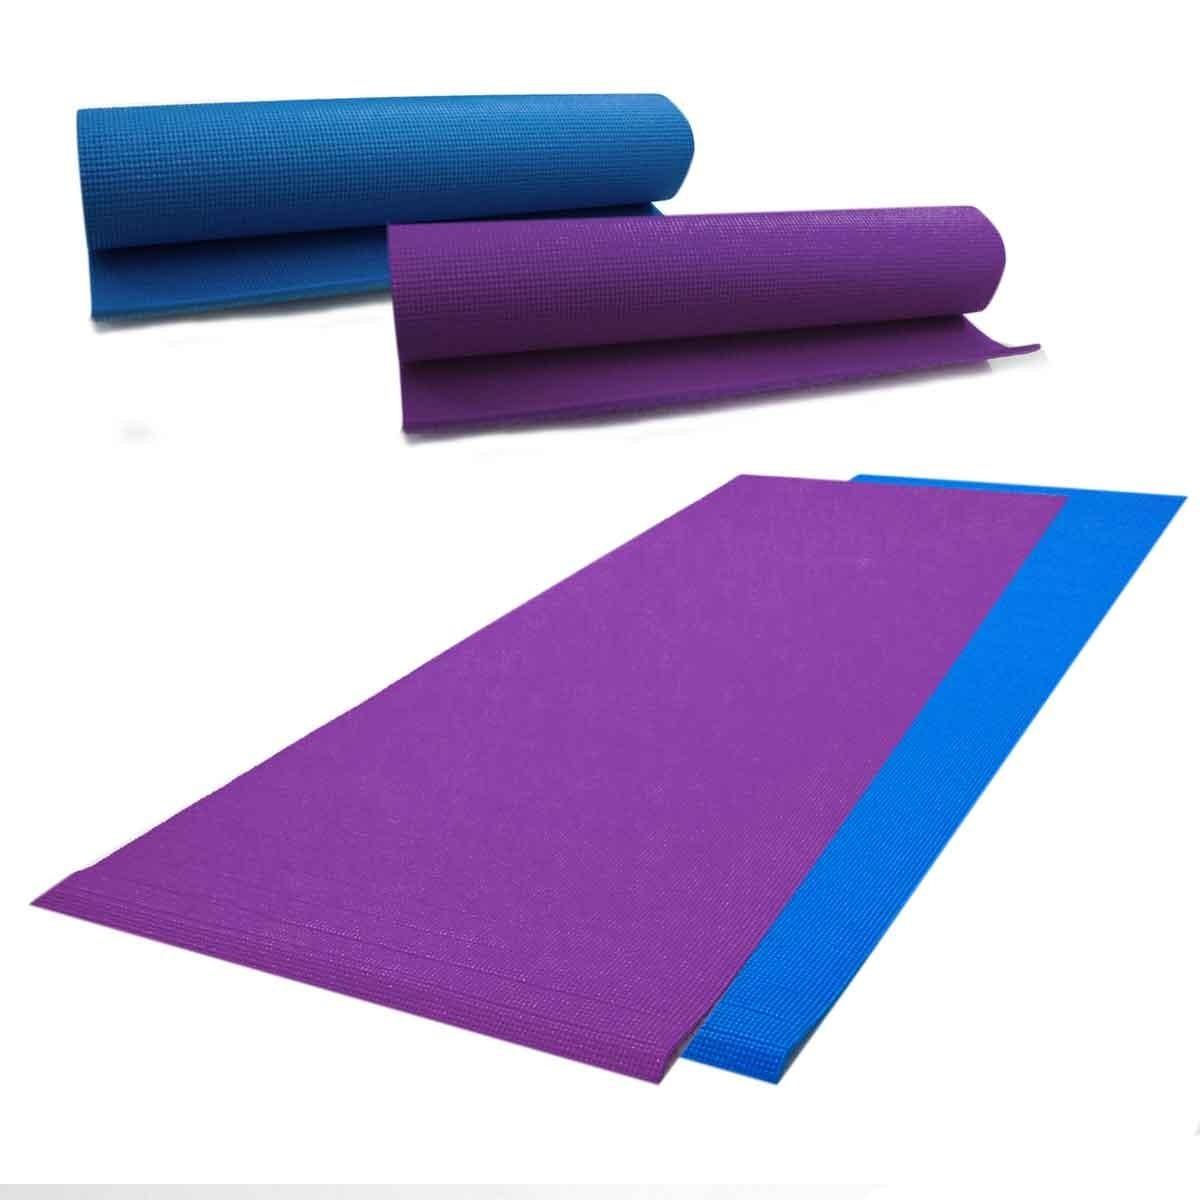 87b753efb Tapete Yoga Academia Fitness Colchonete Pvc 173x61cm - R  45